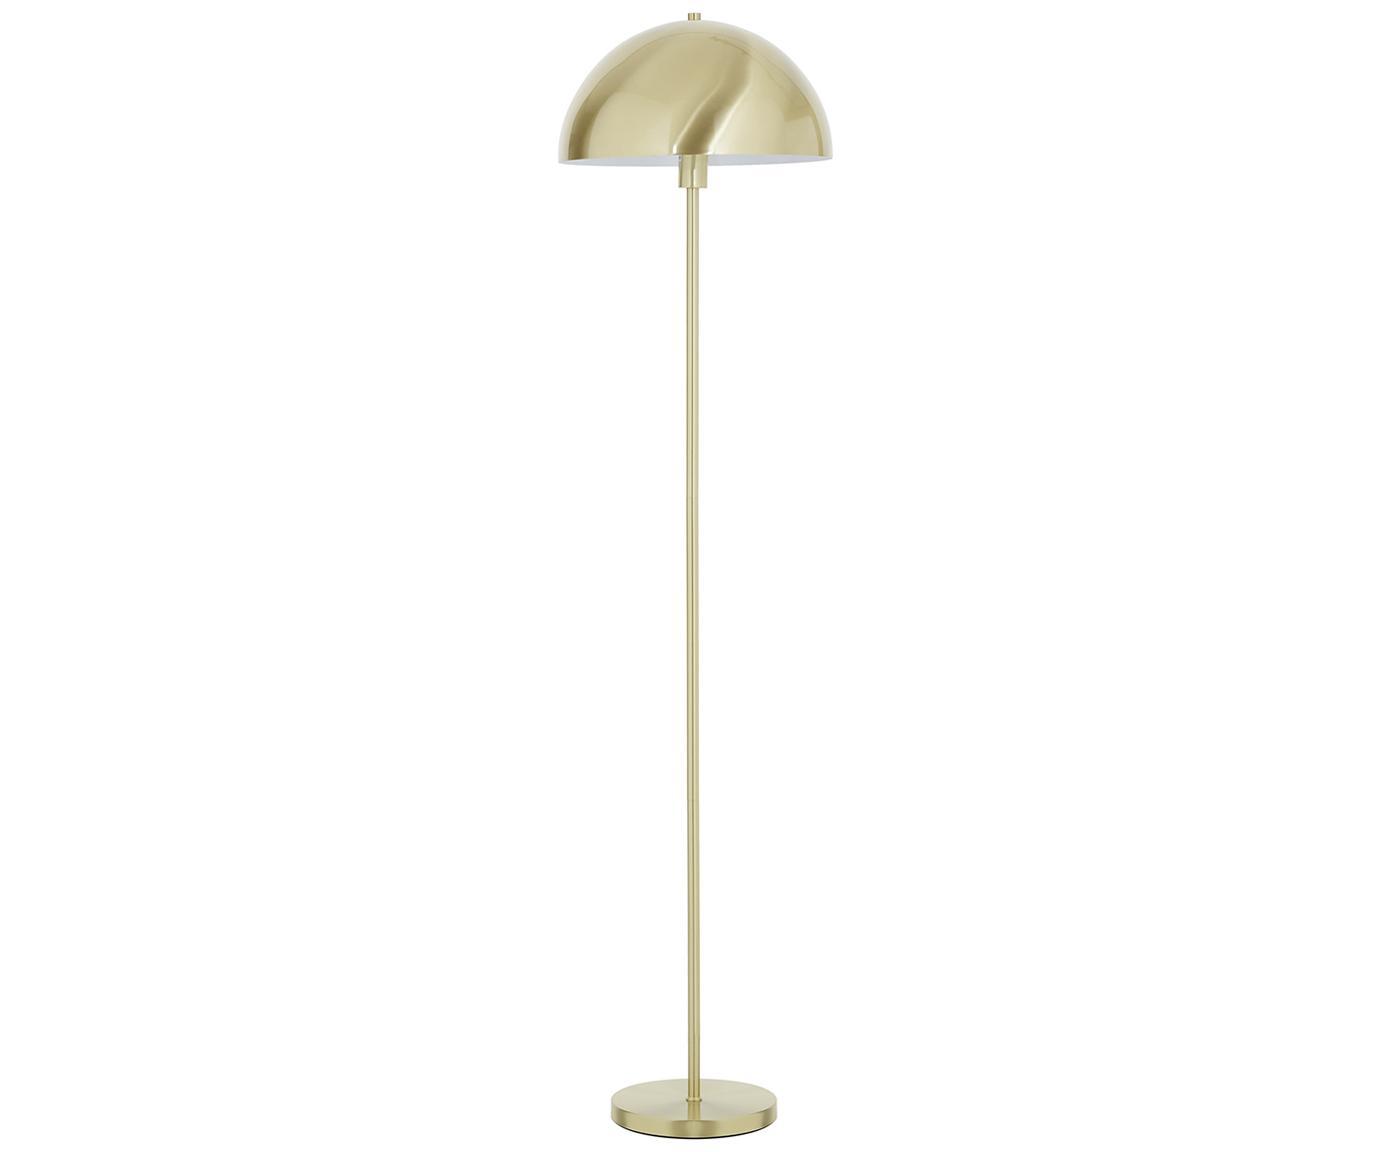 Vloerlamp Matilda, Lampenkap: geborsteld metaal, Lampvoet: vermessingd metaal, Messingkleurig, Ø 40 x H 164 cm